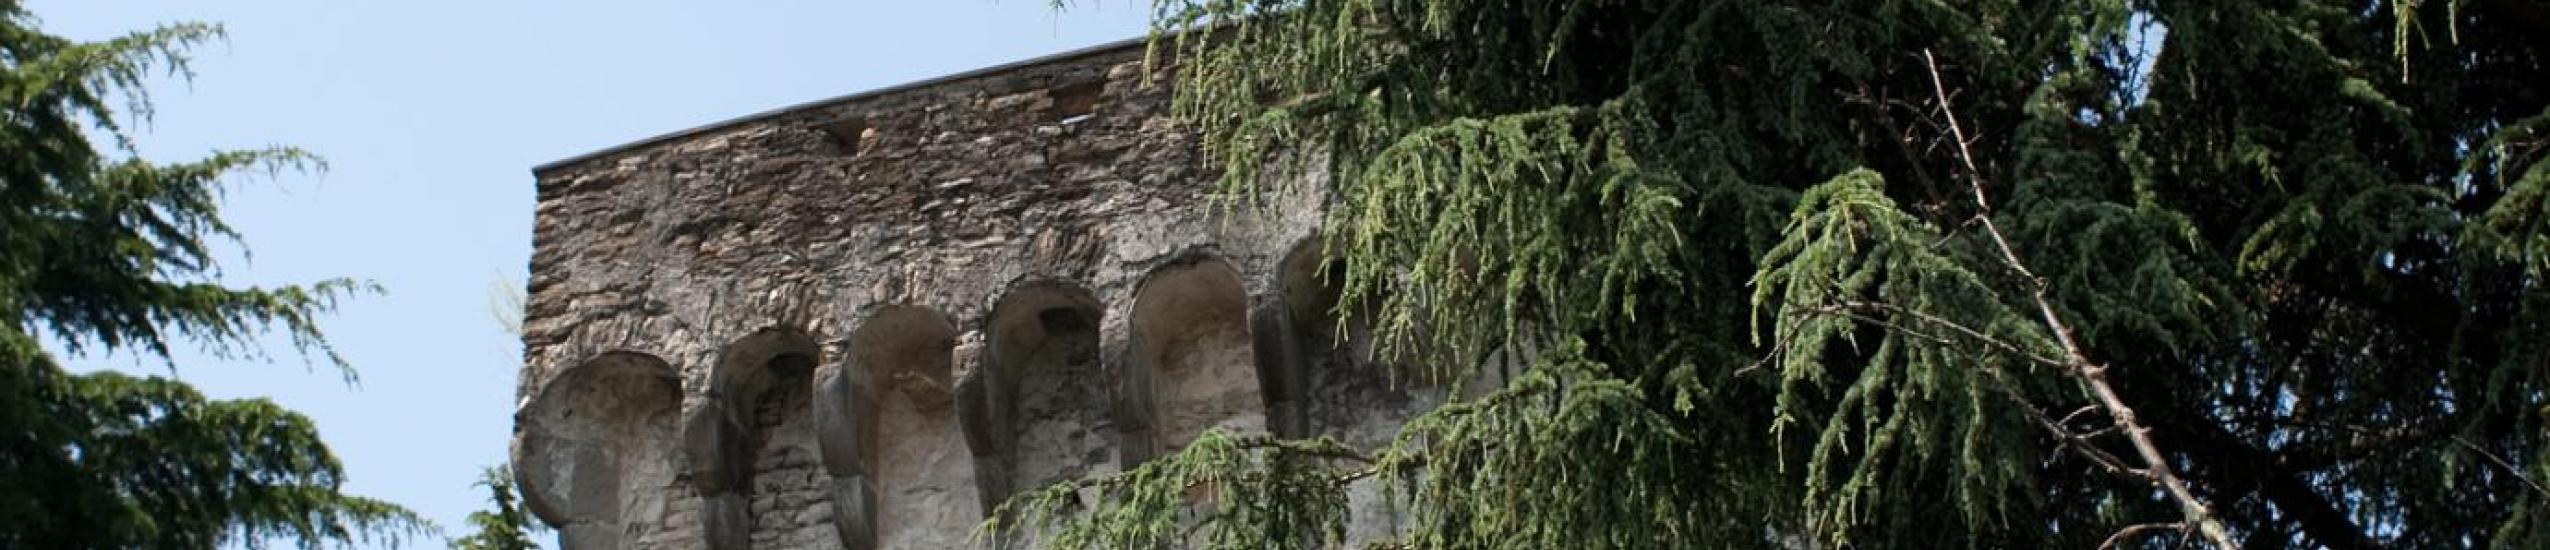 """torre medievale e sentiero """"delle cinque torri"""""""